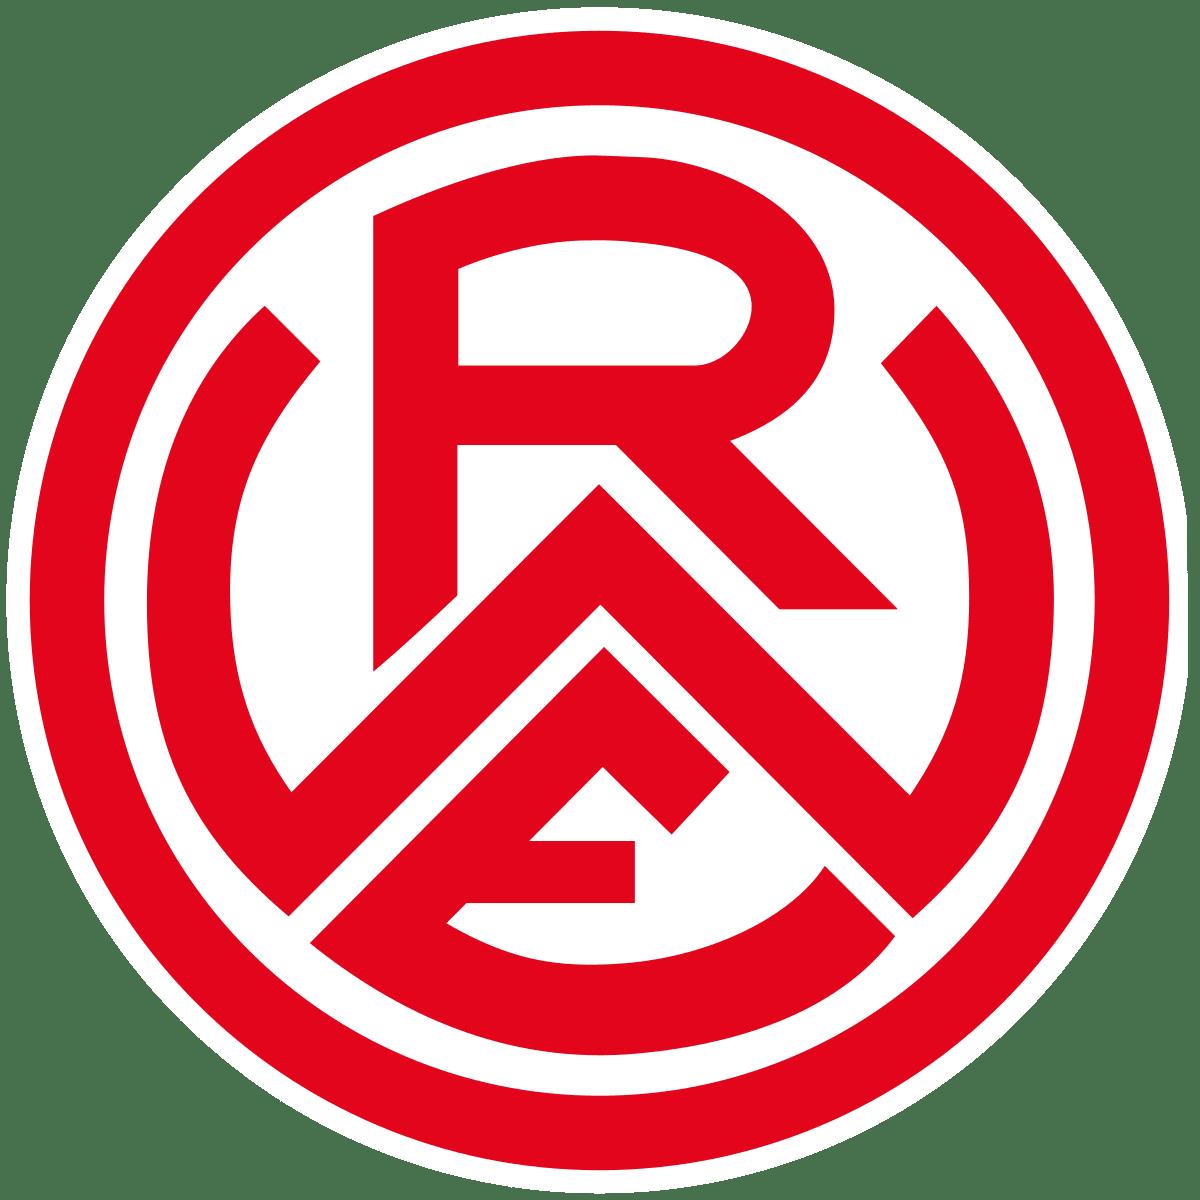 Rot-Weiss Essen – Rot-Weiss Essen